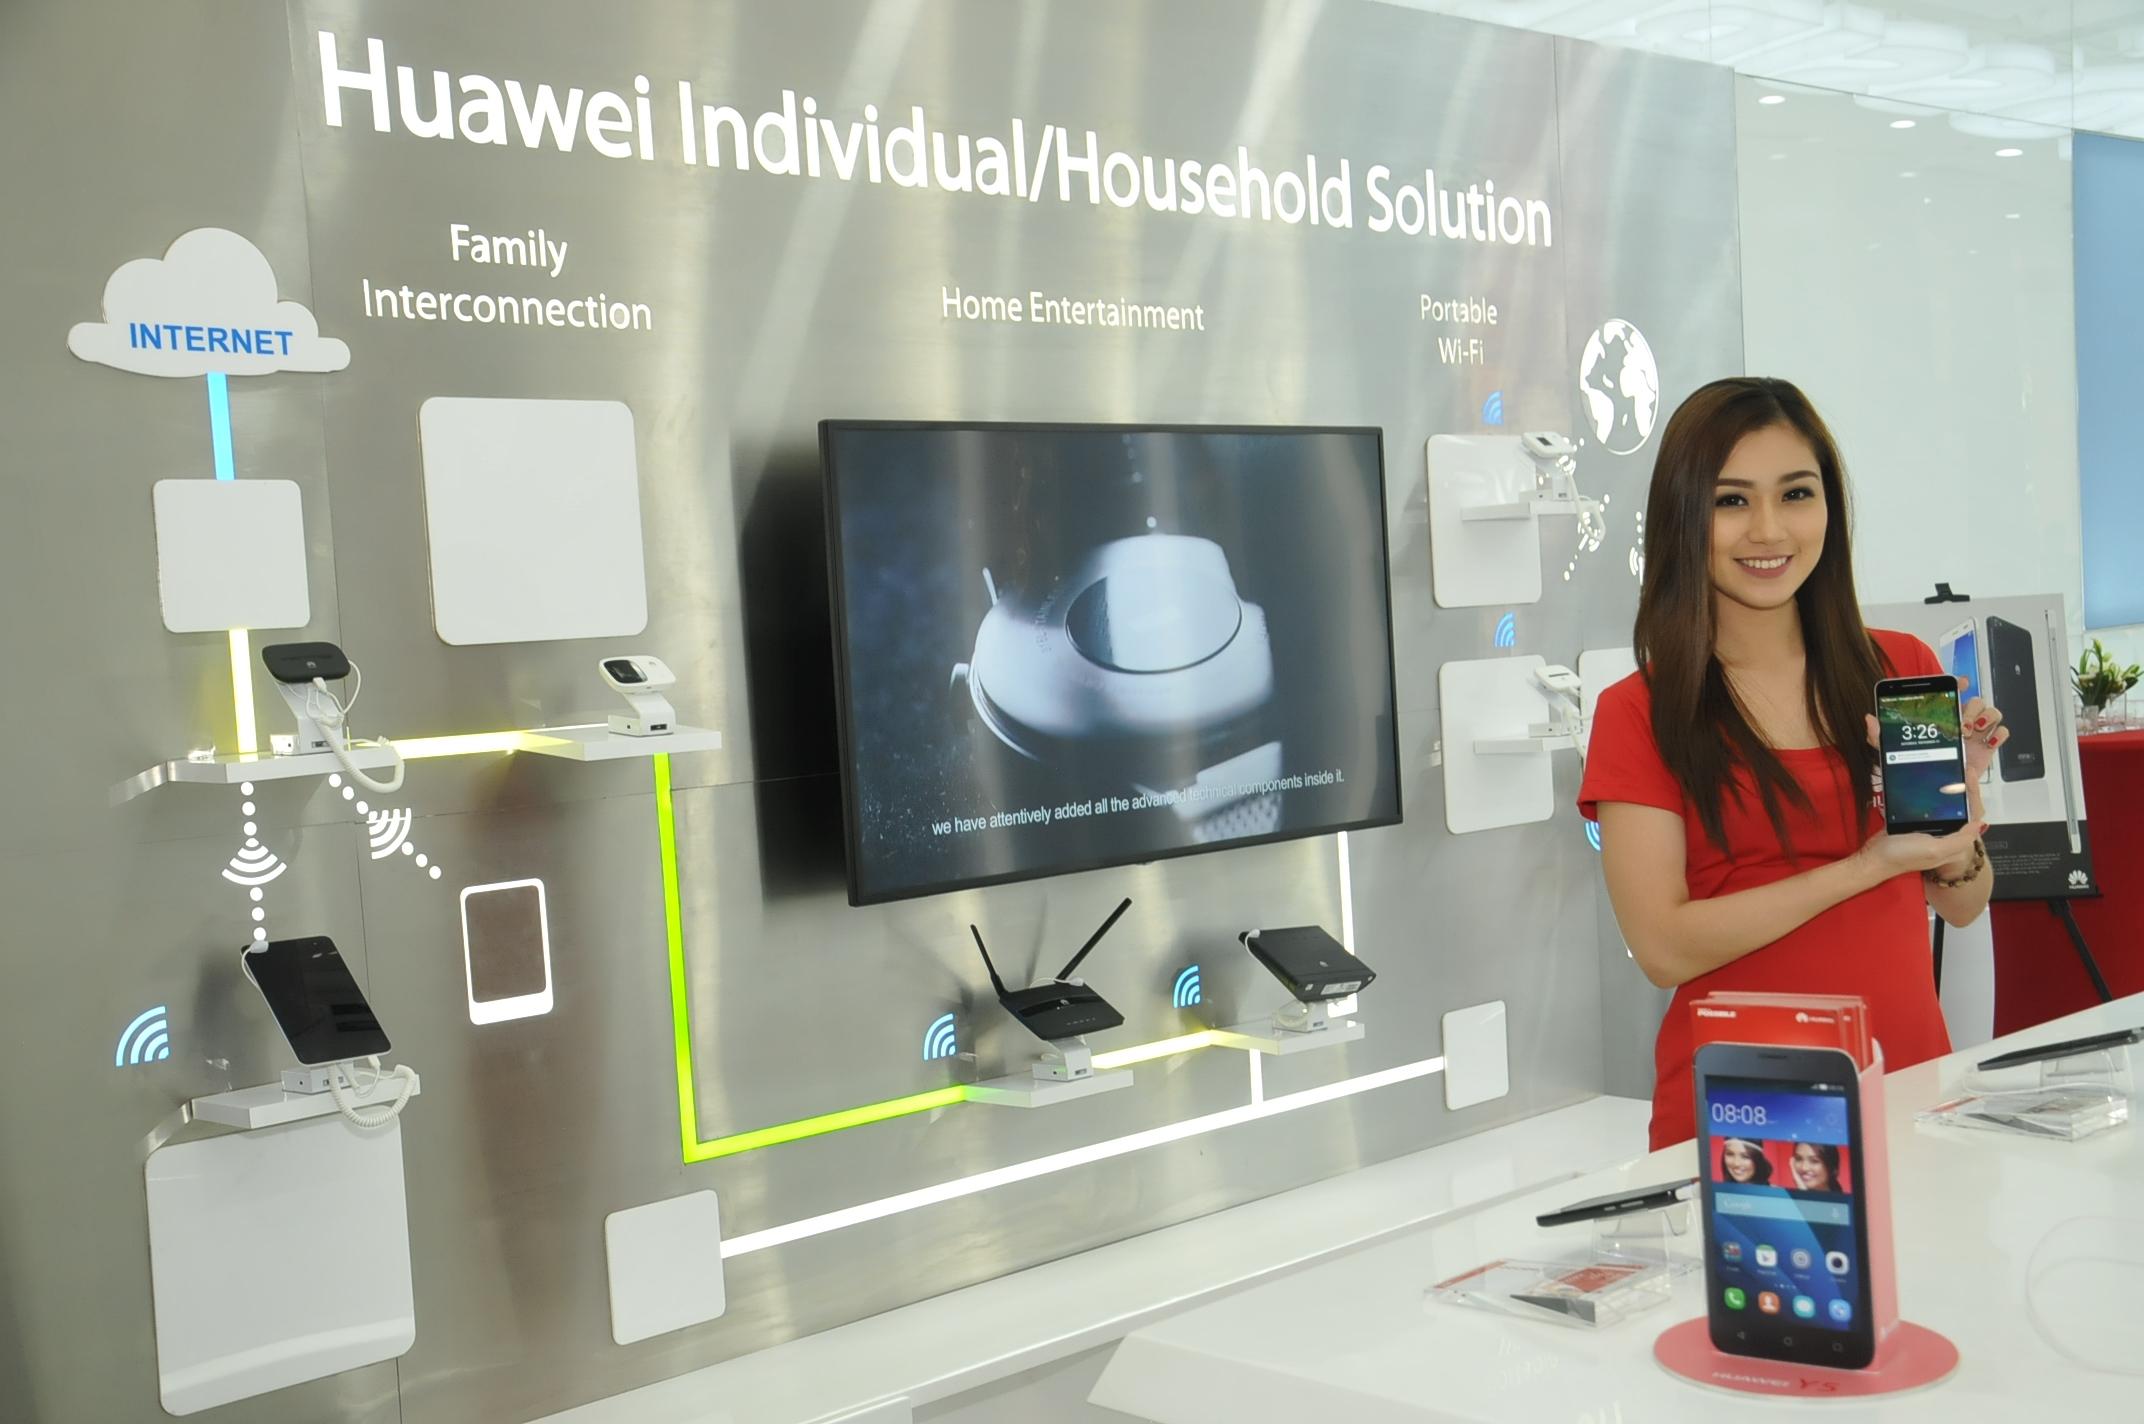 Huawei пусна H1 2016 – високи резултати и бърз растеж в нововъзникващите и европейските пазари